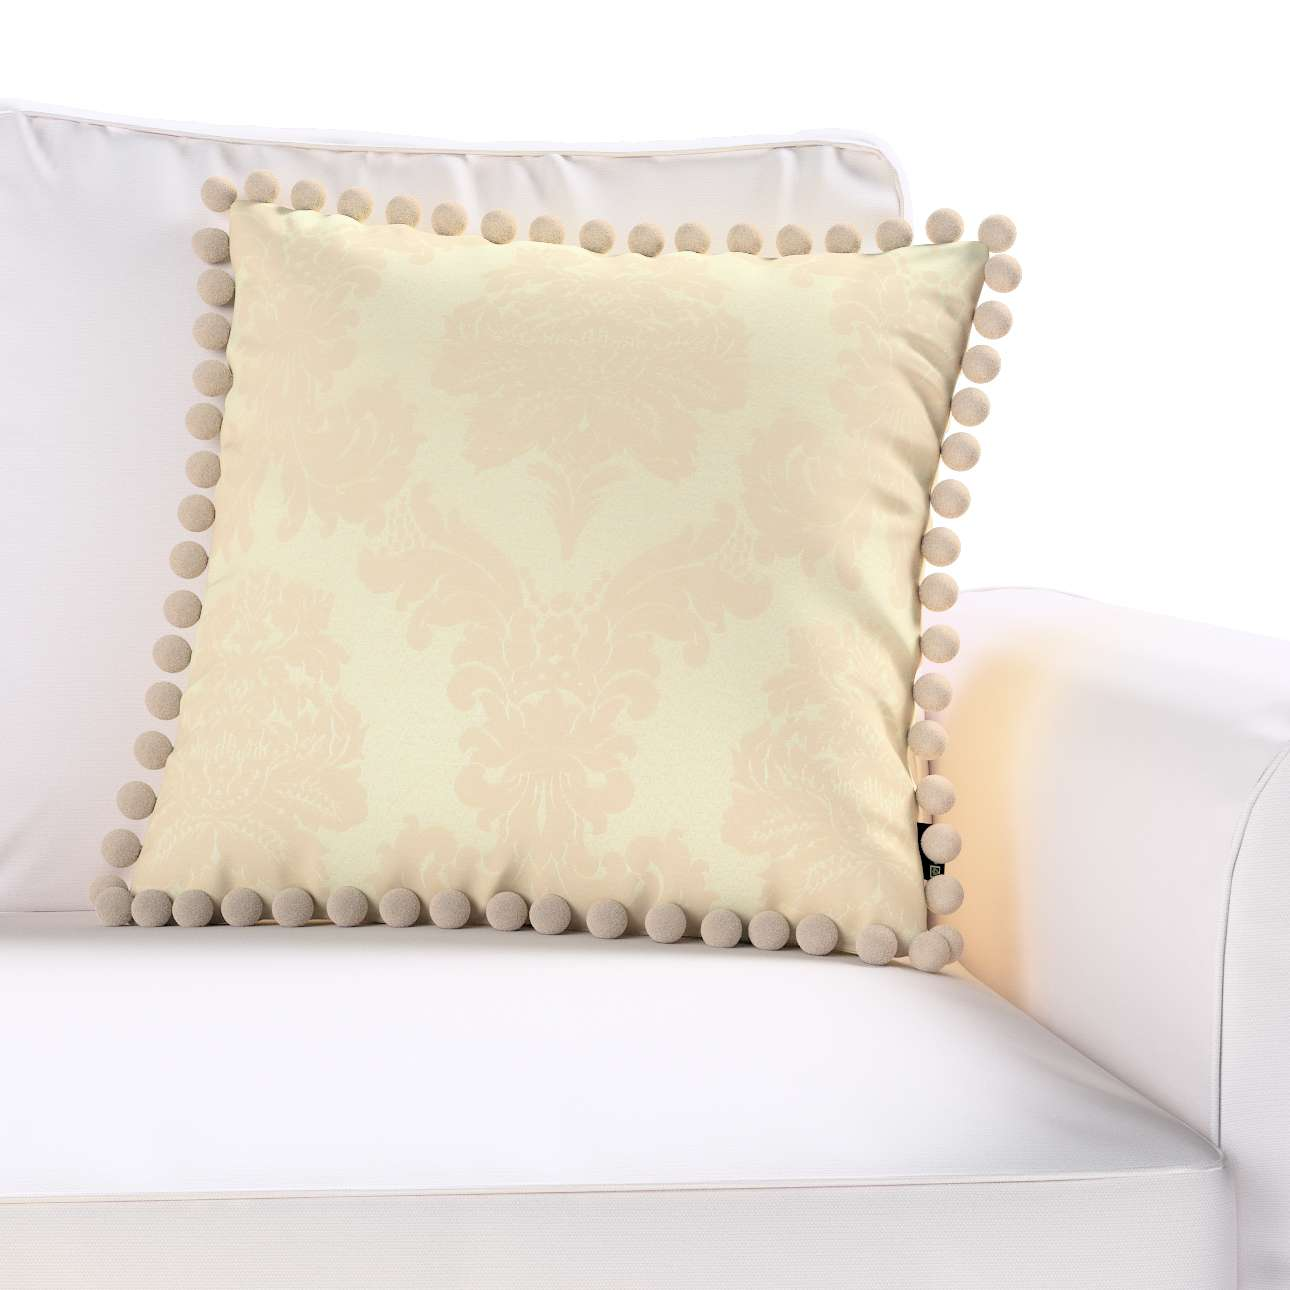 Poszewka Wera na poduszkę 45 x 45 cm w kolekcji Damasco, tkanina: 613-01